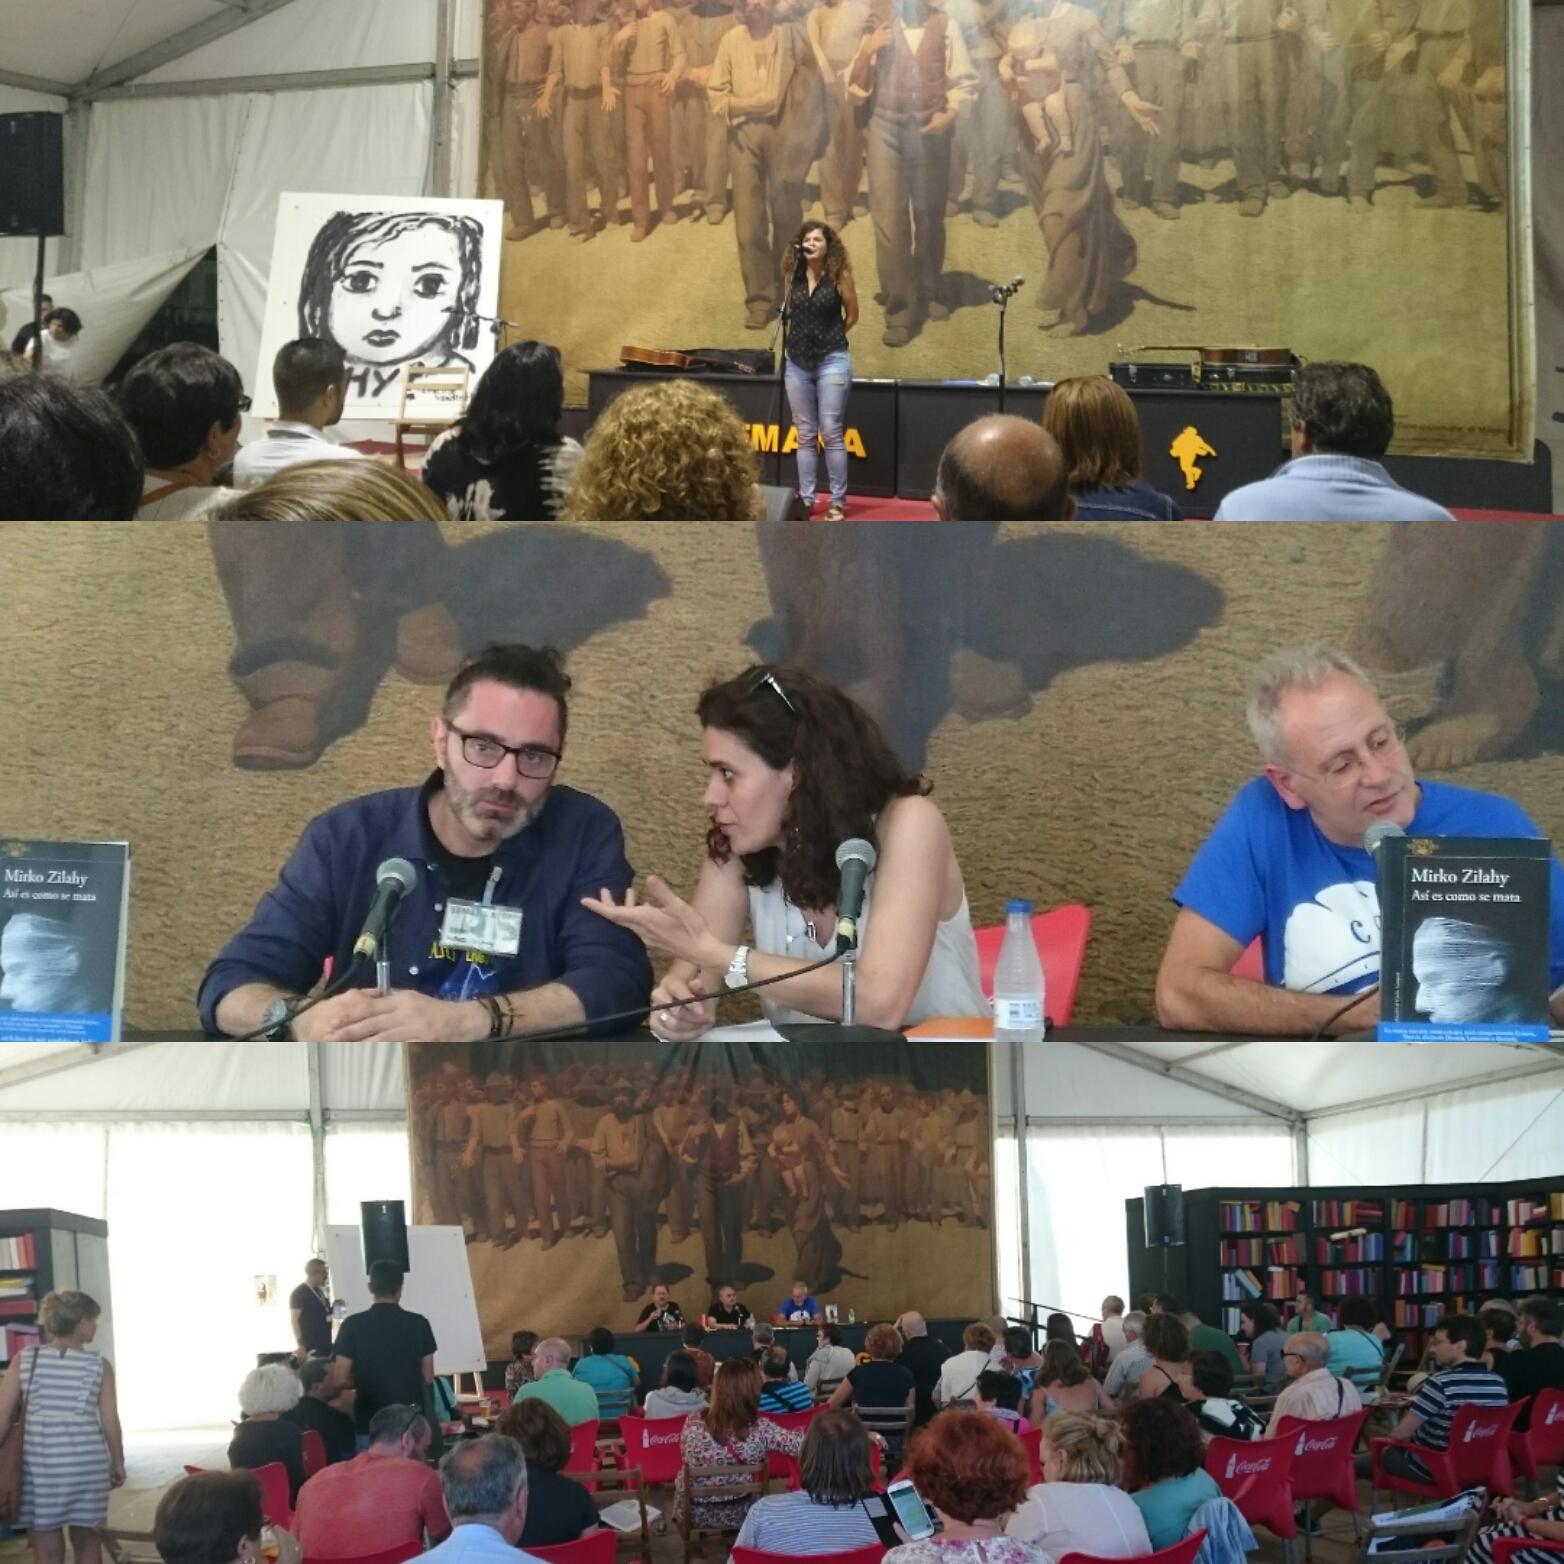 Semana negra con Mirko Zilahy, Sofía Castañón y otros autores